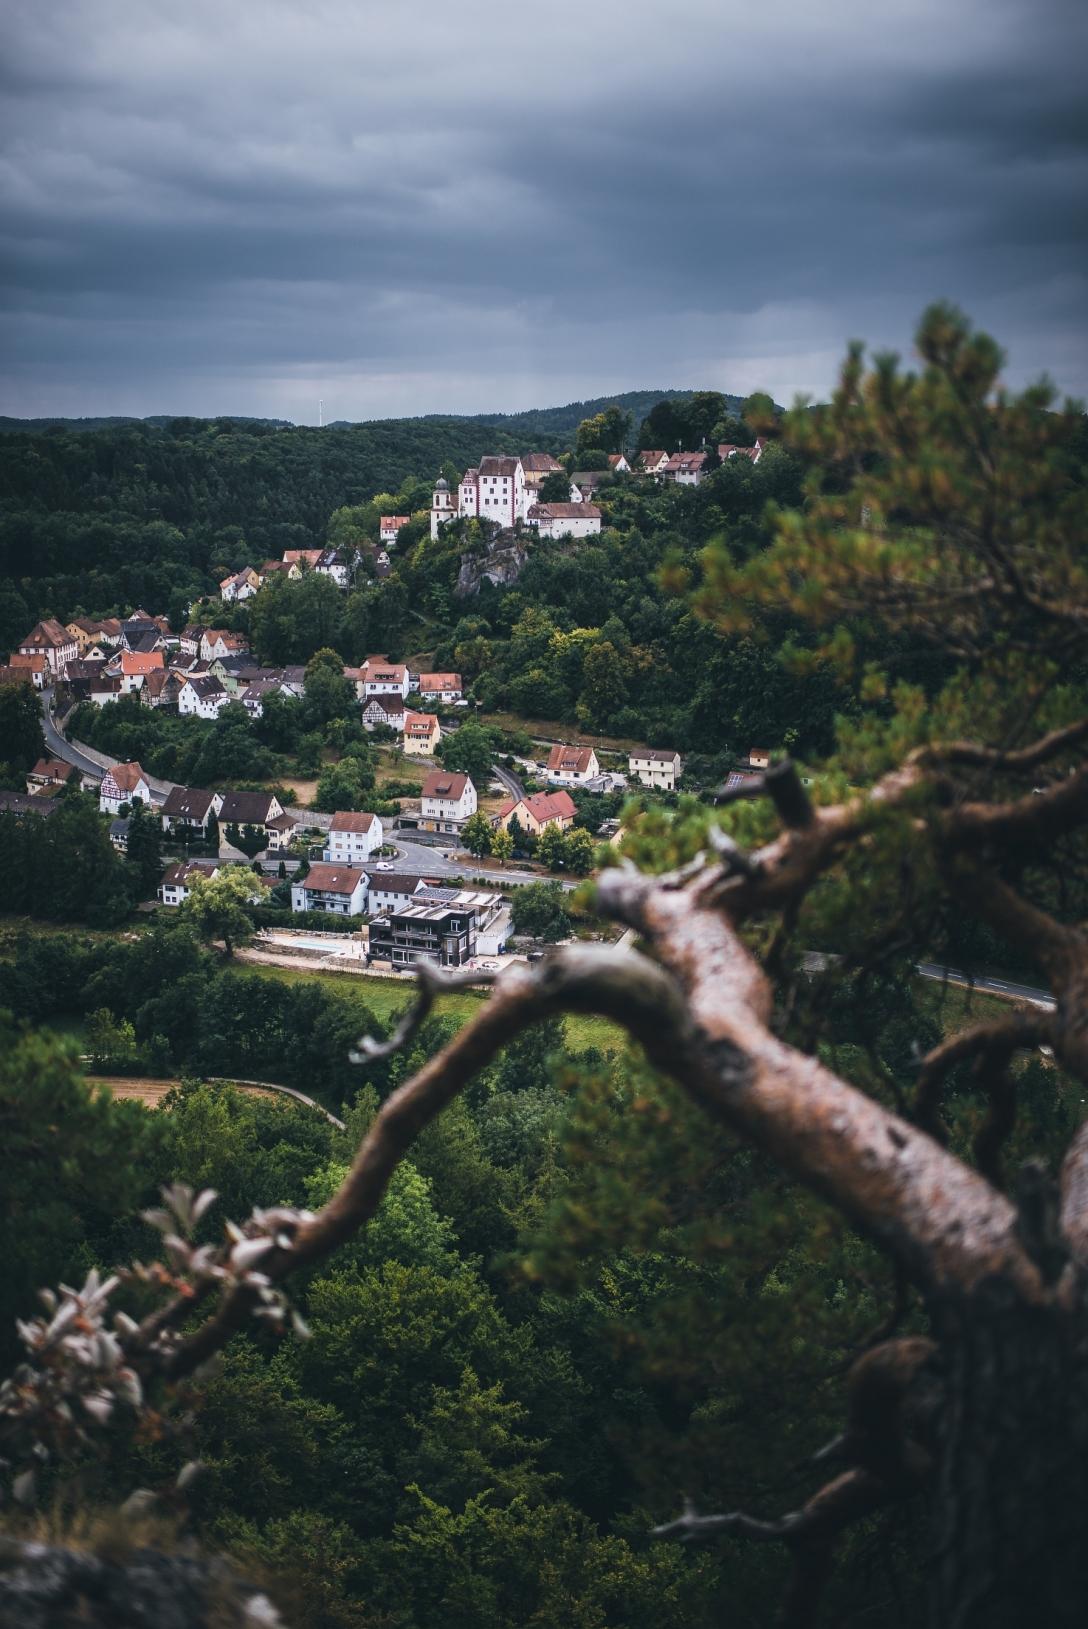 egloffstein-germany-landscape-photo- (6)